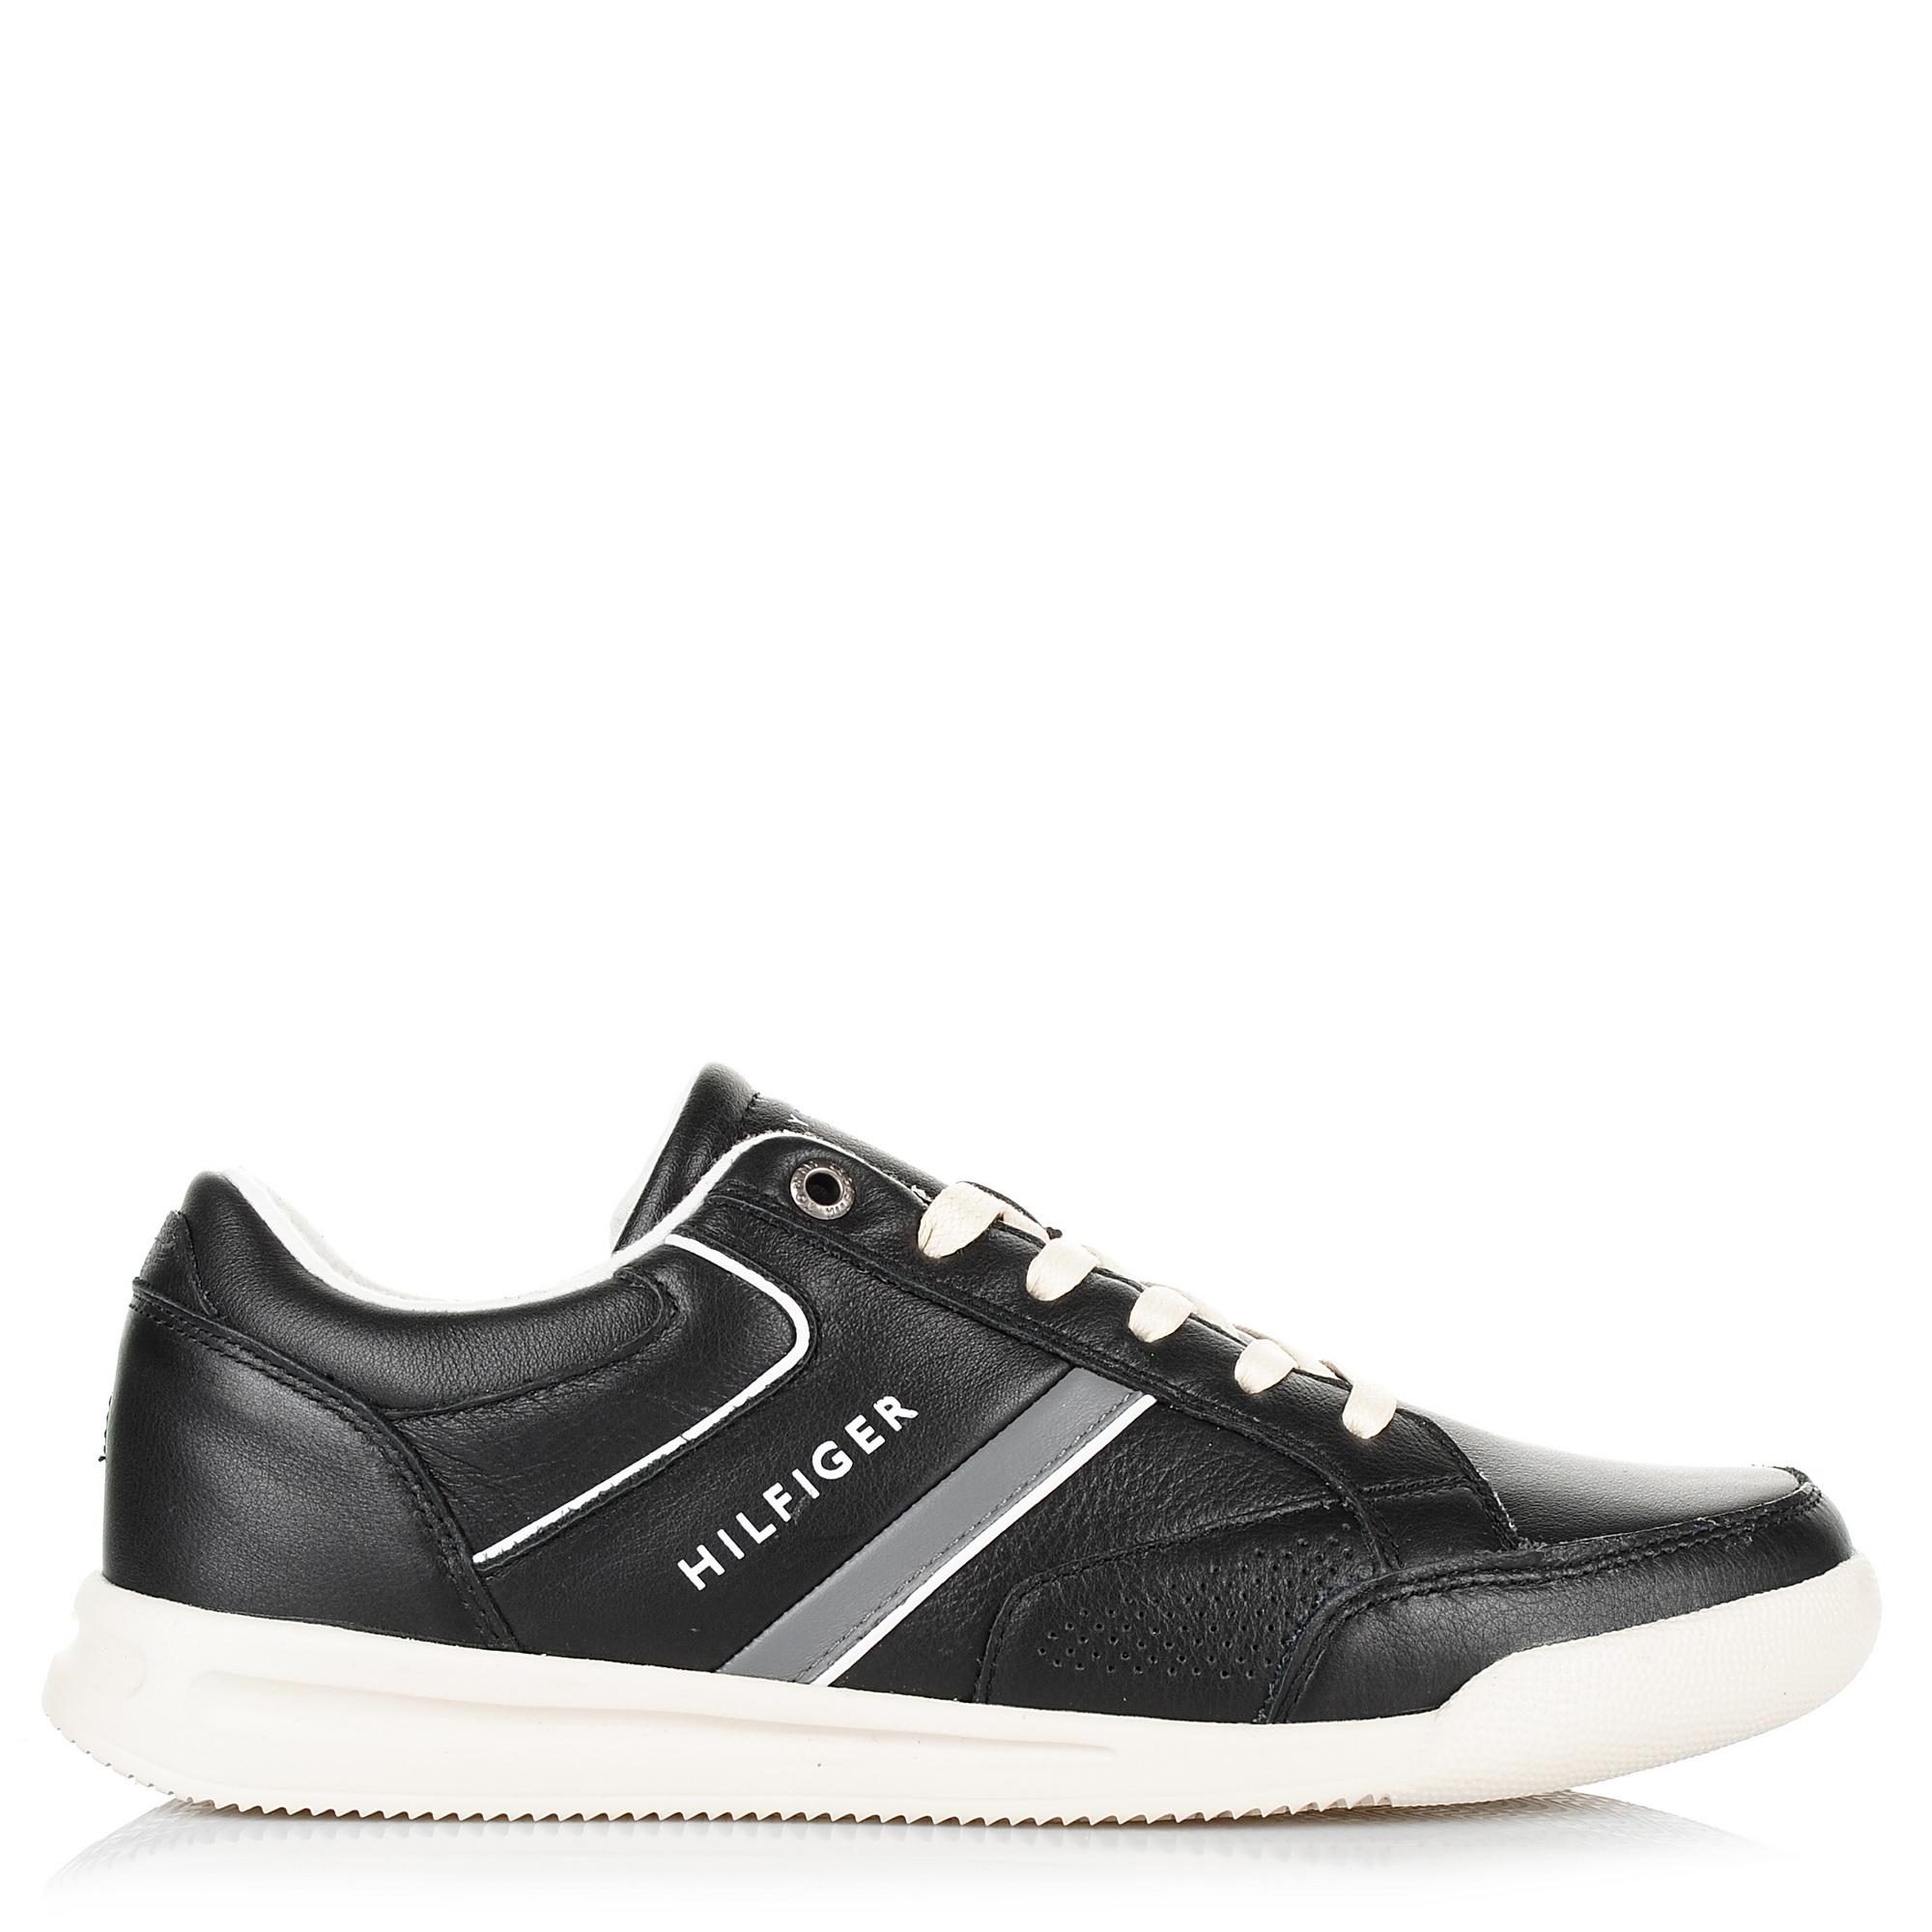 Δερμάτινα Sneakers Tommy Hilfiger Corporate Detail Leather Sneaker FM0FM01620 ανδρας   ανδρικό παπούτσι